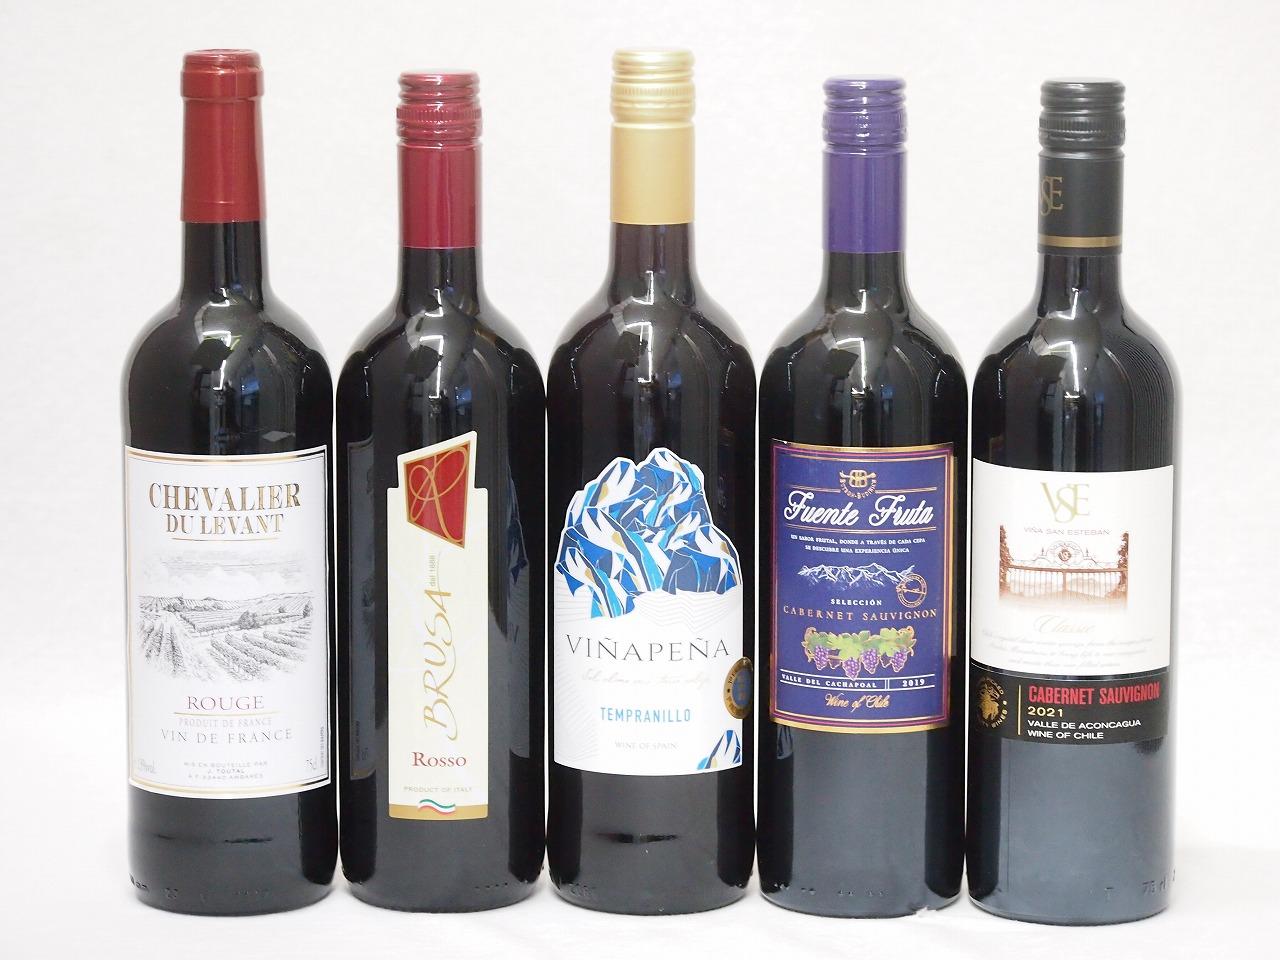 【最大2000円オフクーポン26日1:59迄】4セット セレクション 赤ワイン 5本×4セット ( スペインワイン 1本 フランスワイン 1本 イタリアワイン 1本 チリワイン 2本)計750ml×20本